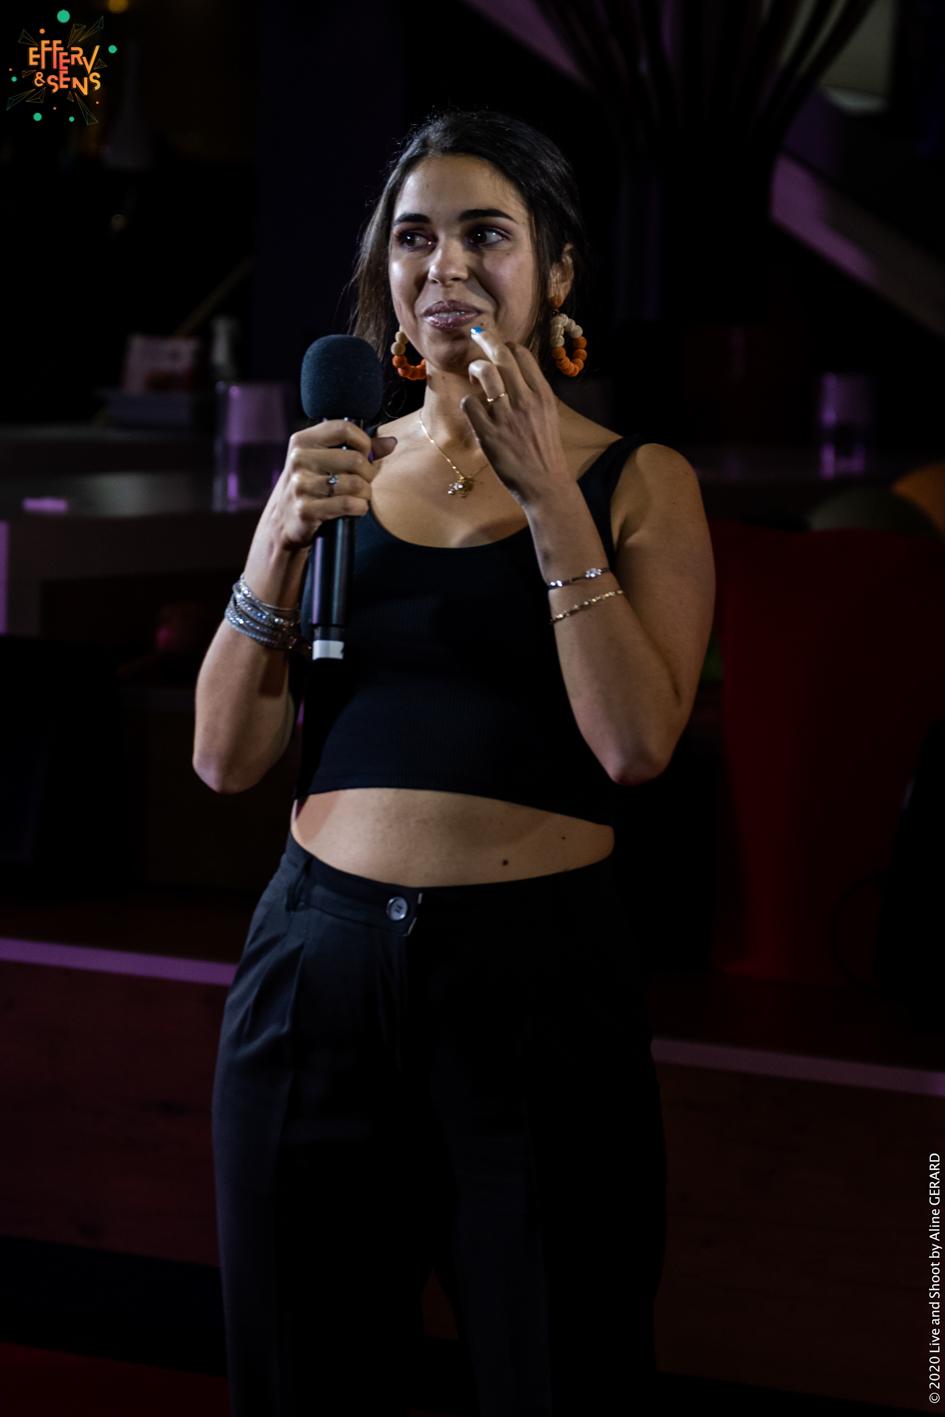 Eva_One Woman Show - Cabaret des Curiosités_Efferv&Sens à Poitiers ©liveandshoot20-4153